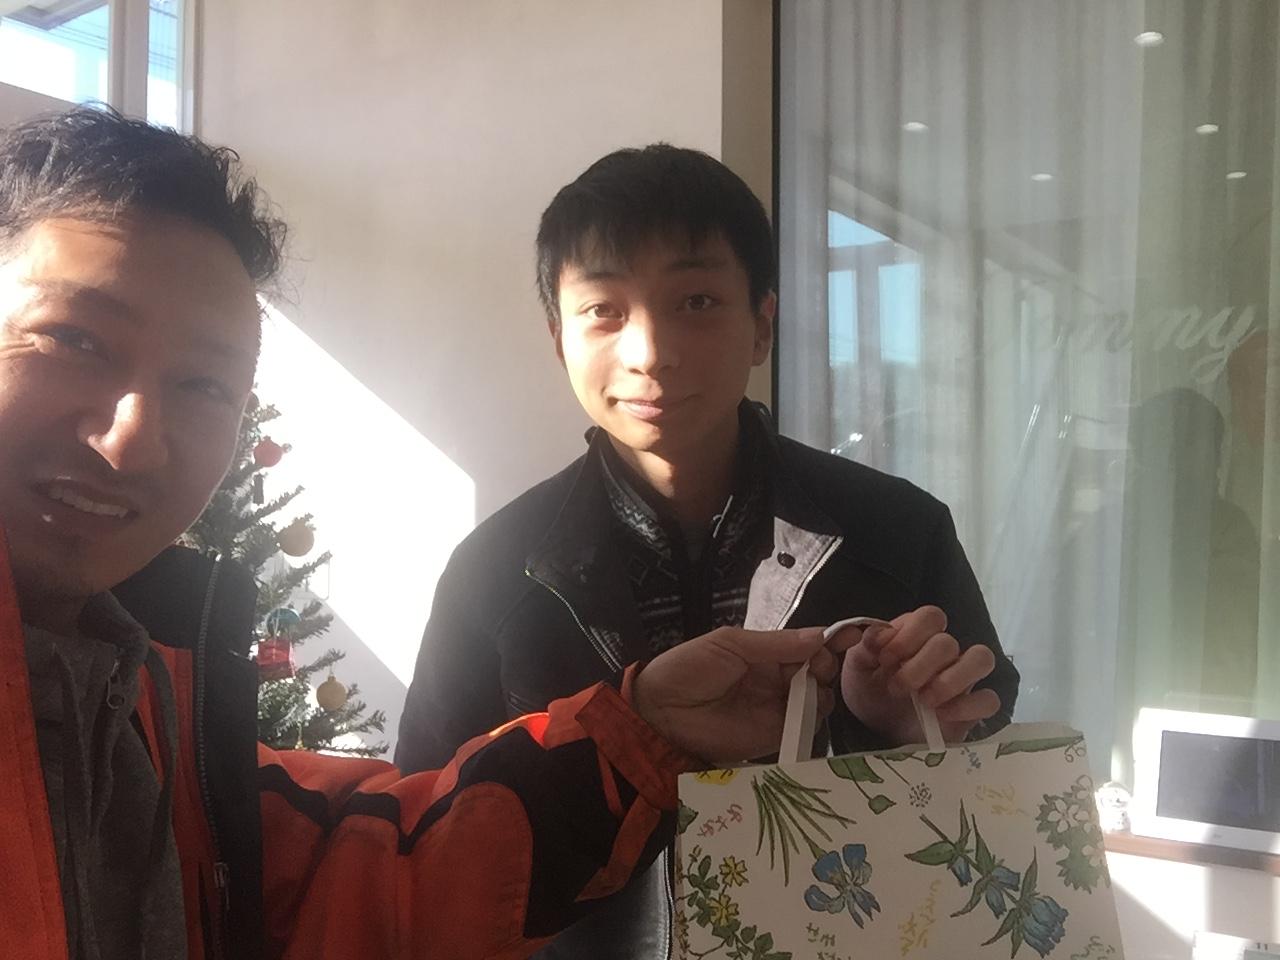 11月29日 火曜日の本店オールスターブログ(*˘︶˘*) 1ナンバー構造変更もお任せください♫TOMMY_b0127002_17372766.jpg